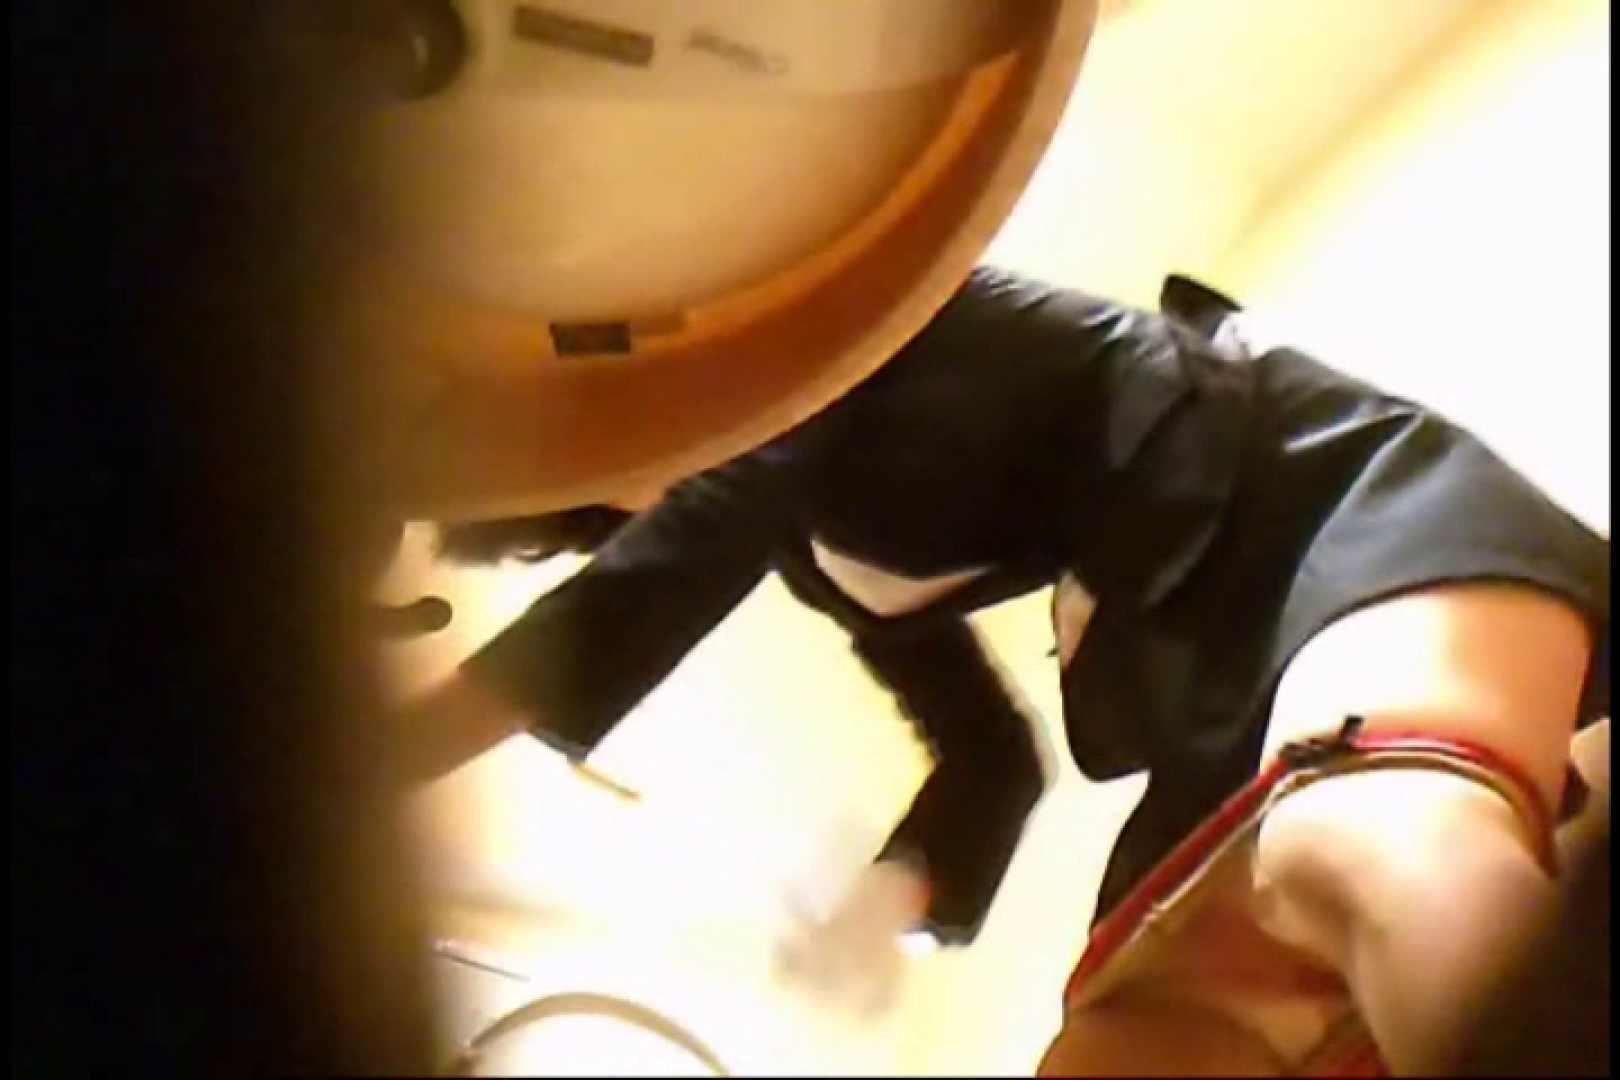 潜入!!女子化粧室盗撮~絶対見られたくない時間~vo,41 潜入 | お姉さん  11pic 1